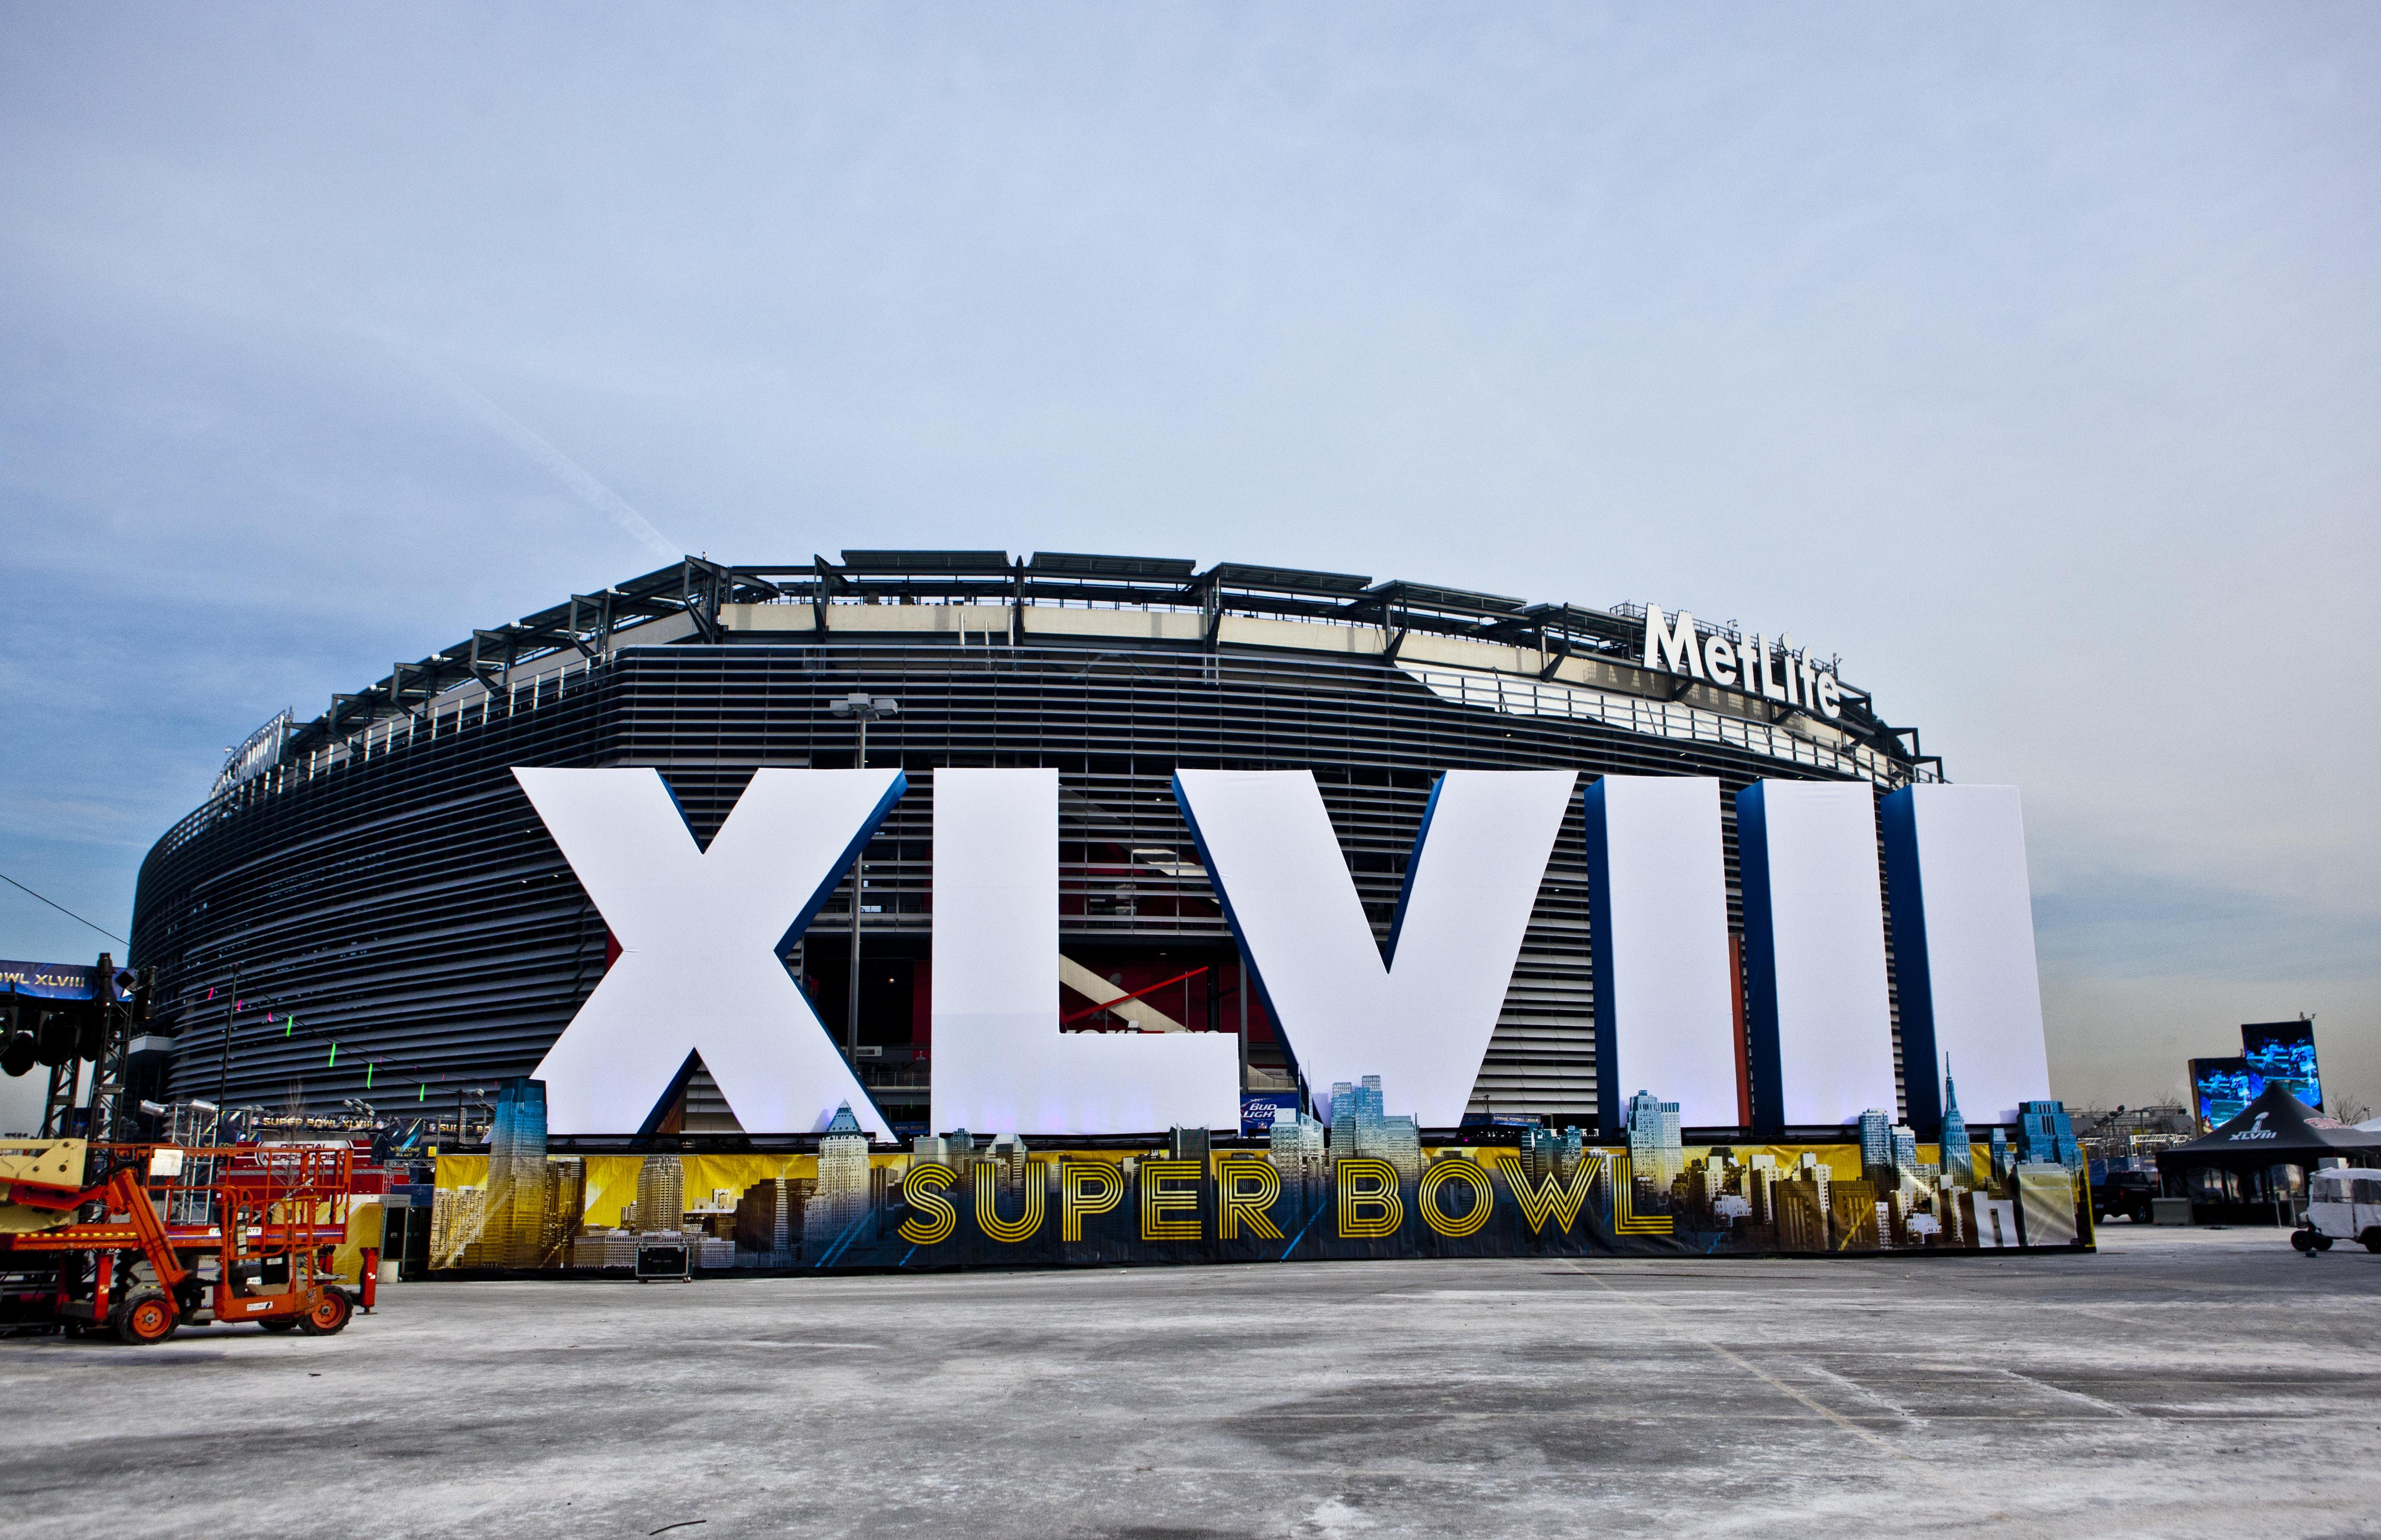 MetLife_Stadium_exterior_Super_Bowl_XLVIII